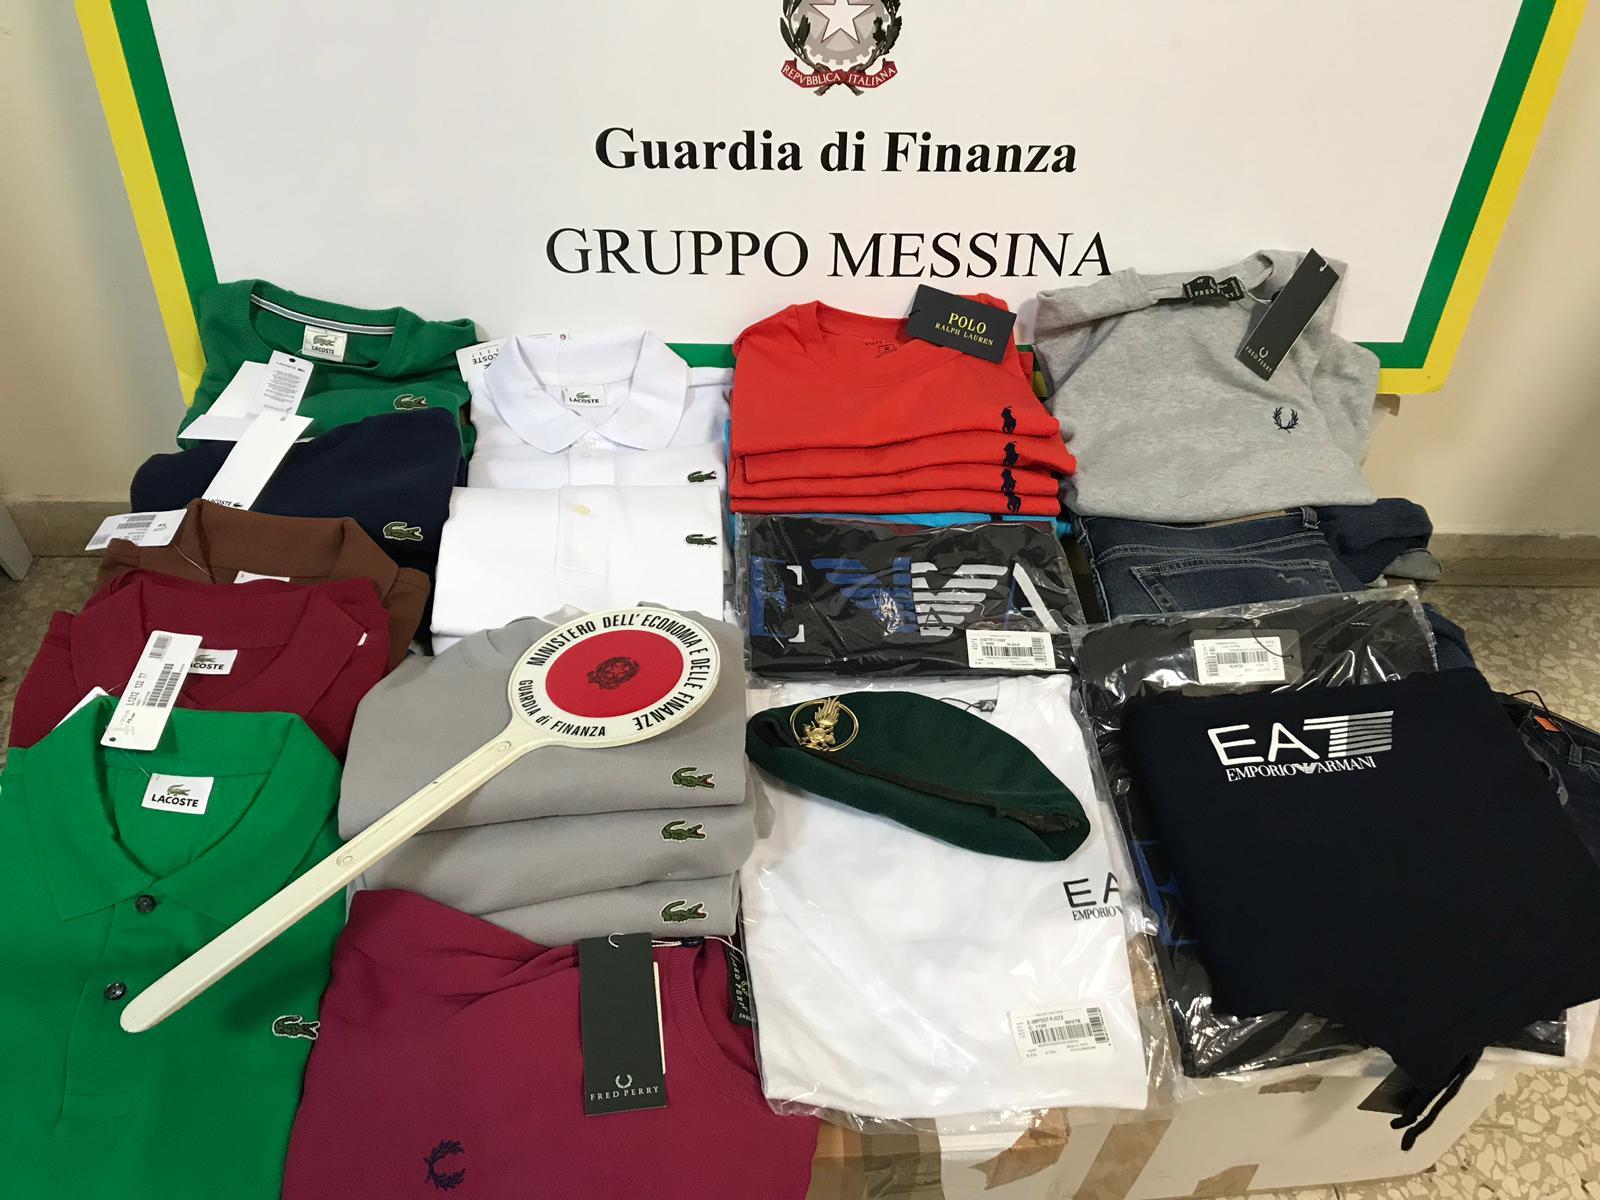 Scarpe e abiti contraffatti due negozi del centro di Messina nel mirino della GdF  Normannocom